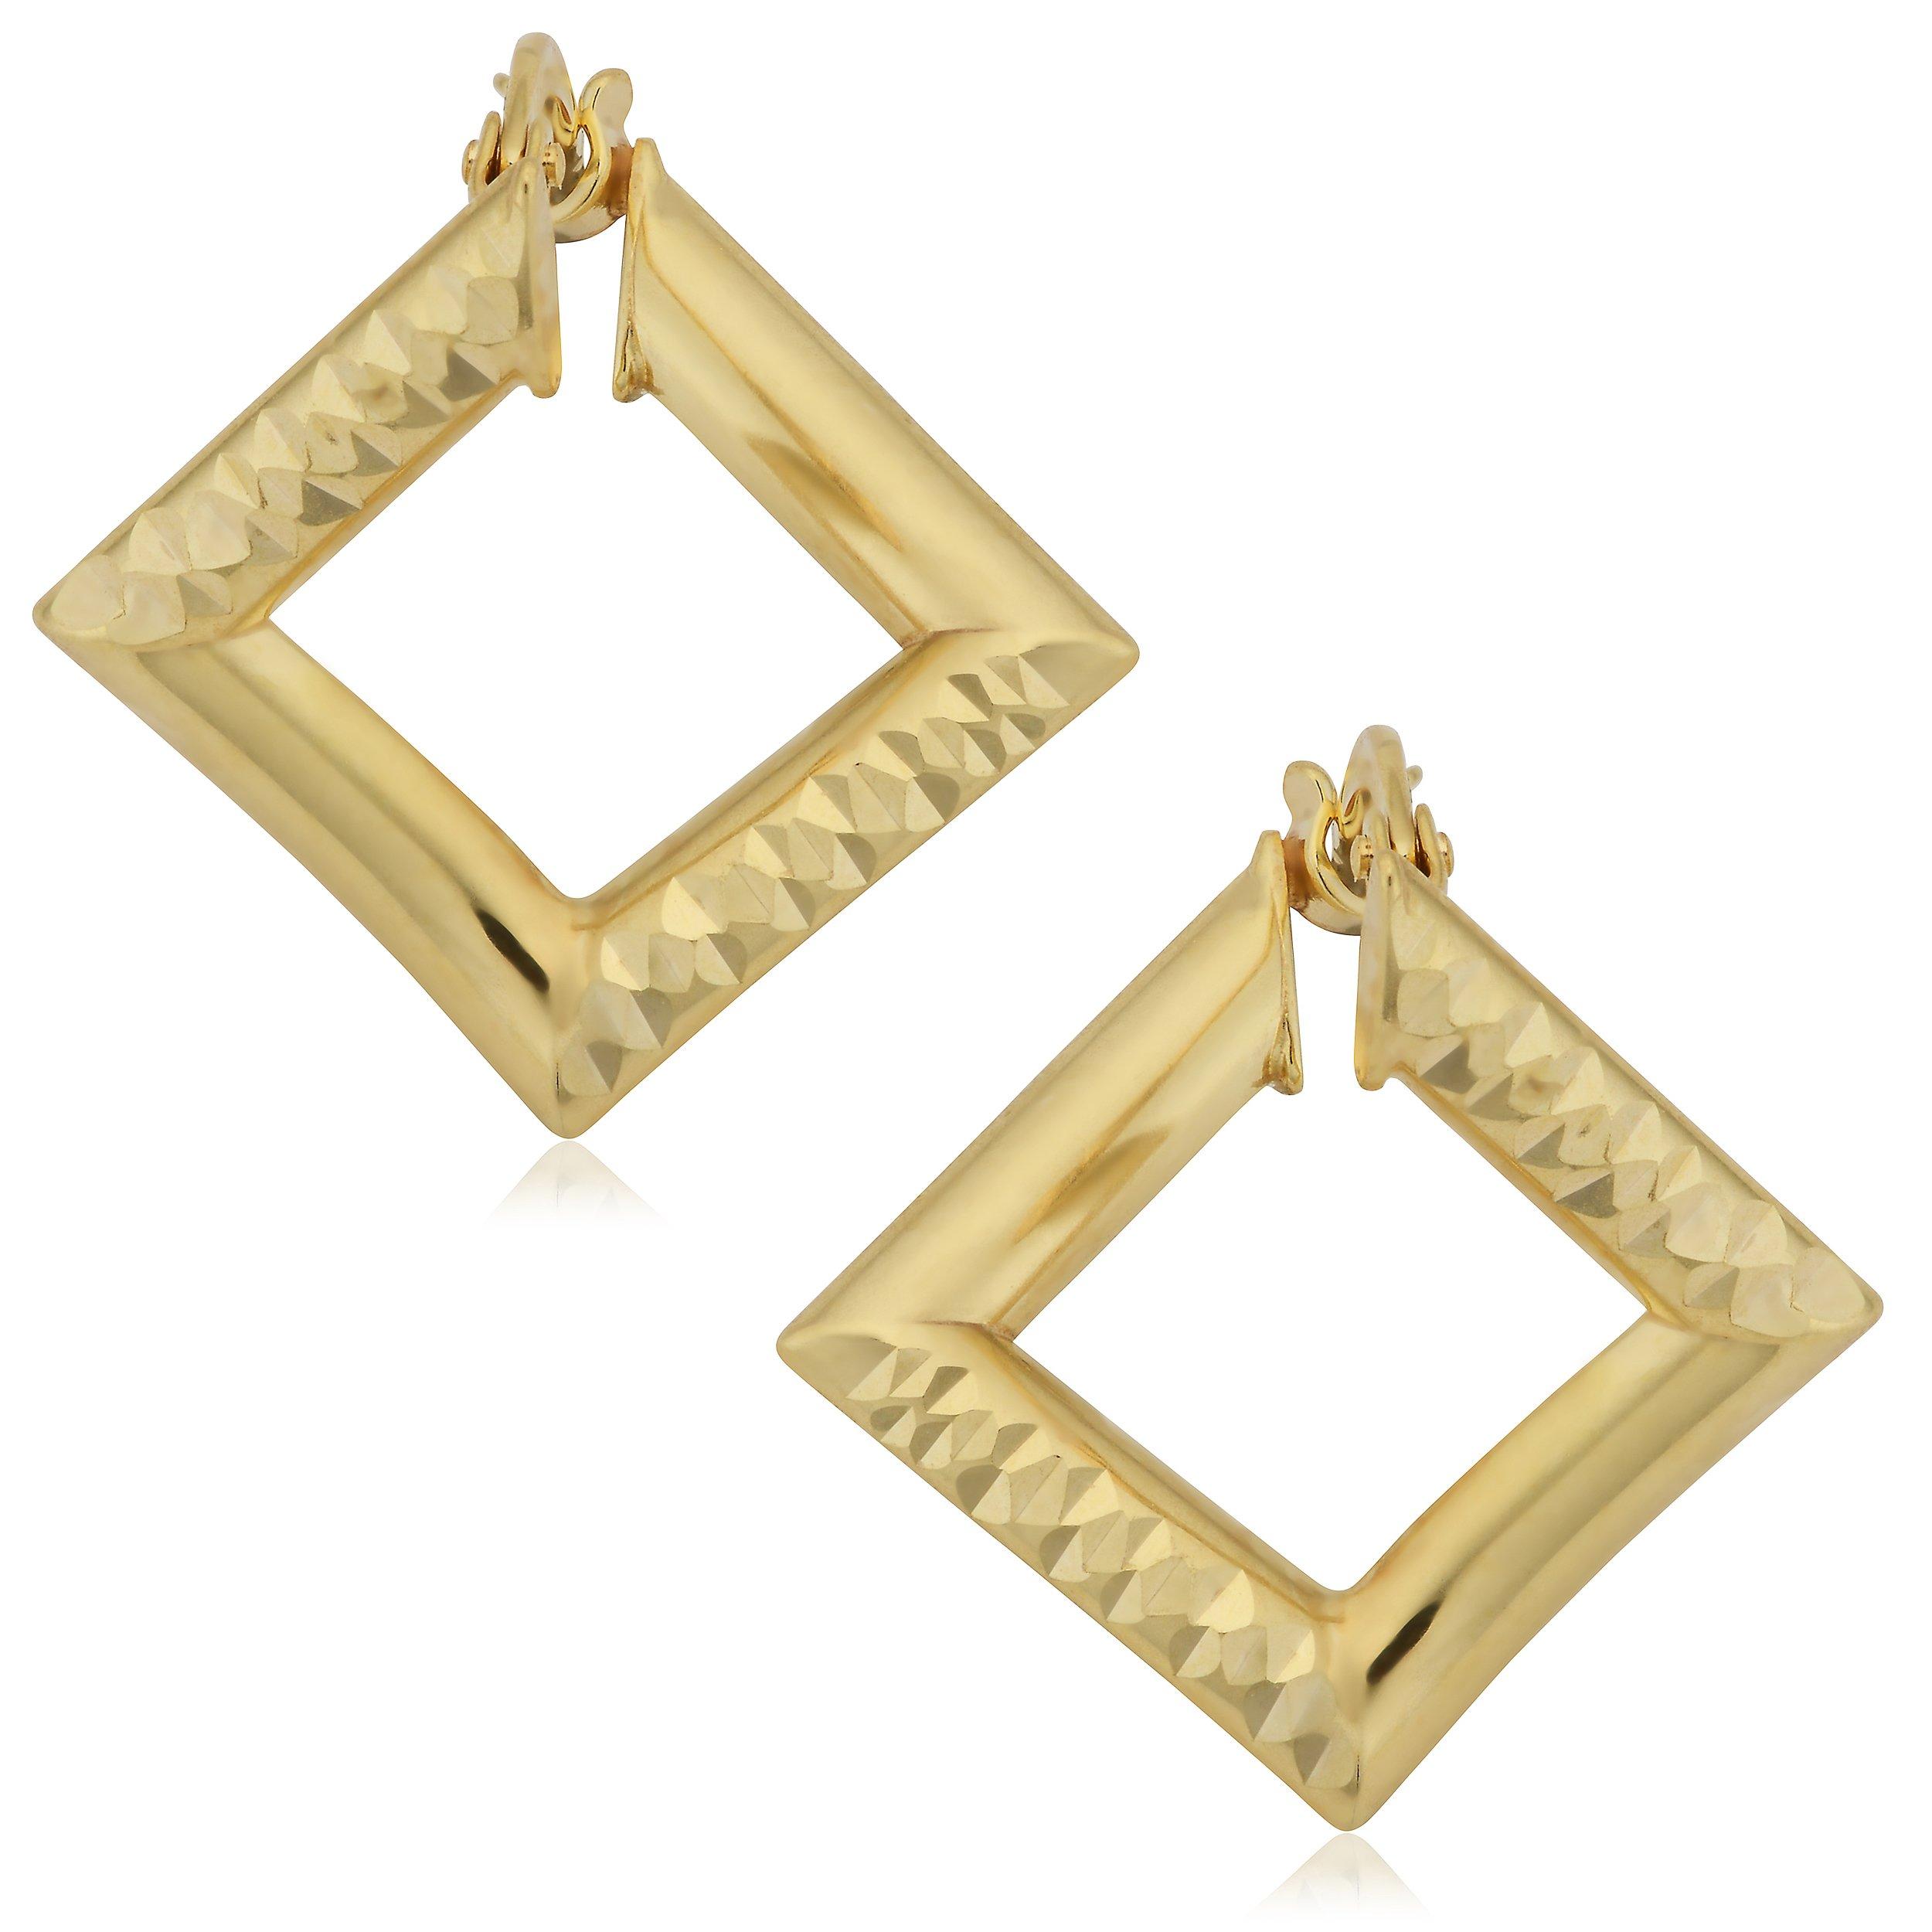 Kooljewelry 14k Yellow Gold Diamond-cut Stylish Square Hoop Earrings by Kooljewelry